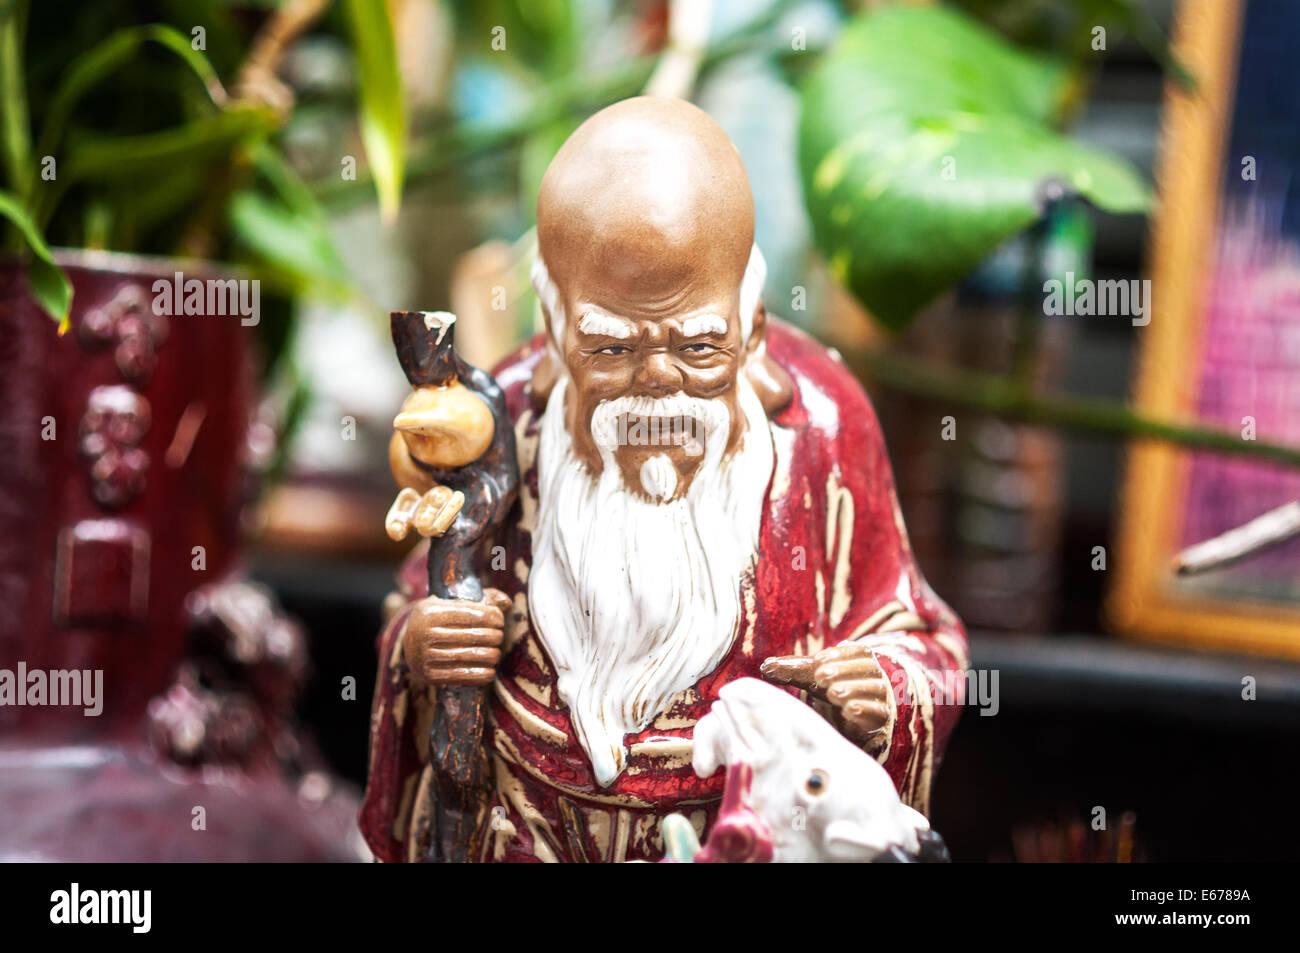 Statua di shou xing gong il dio cinese di longevità Immagini Stock